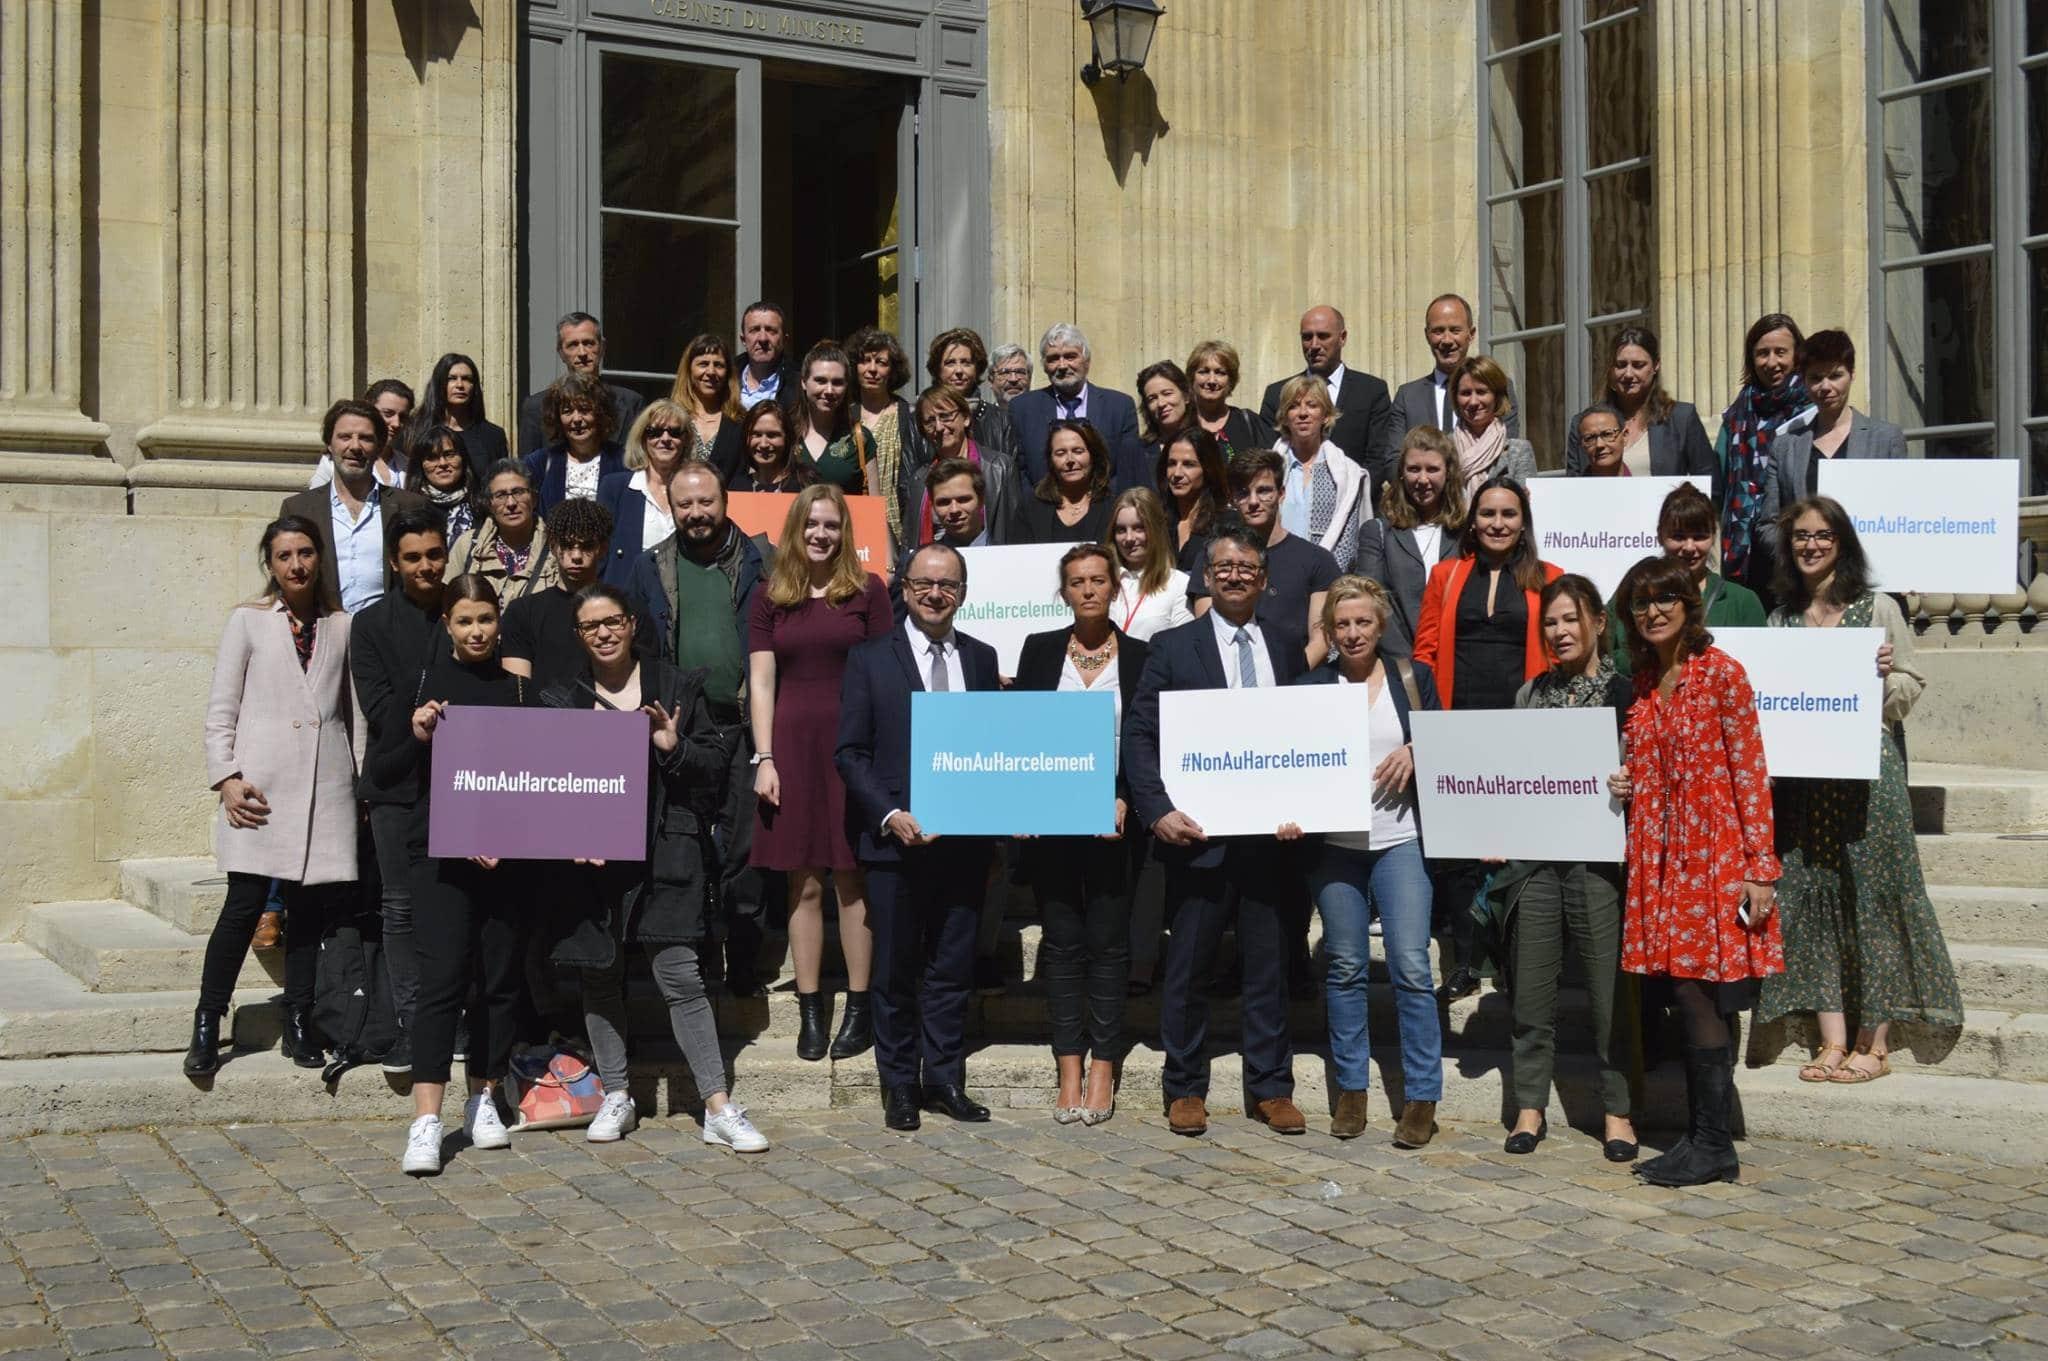 """Pour la sixième année consécutive, l'association Les petits citoyens est honorée de participer au Jury National du Prix """"Non Au Harcèlement"""" organisé par le Ministère de l'Éducation Nationale."""